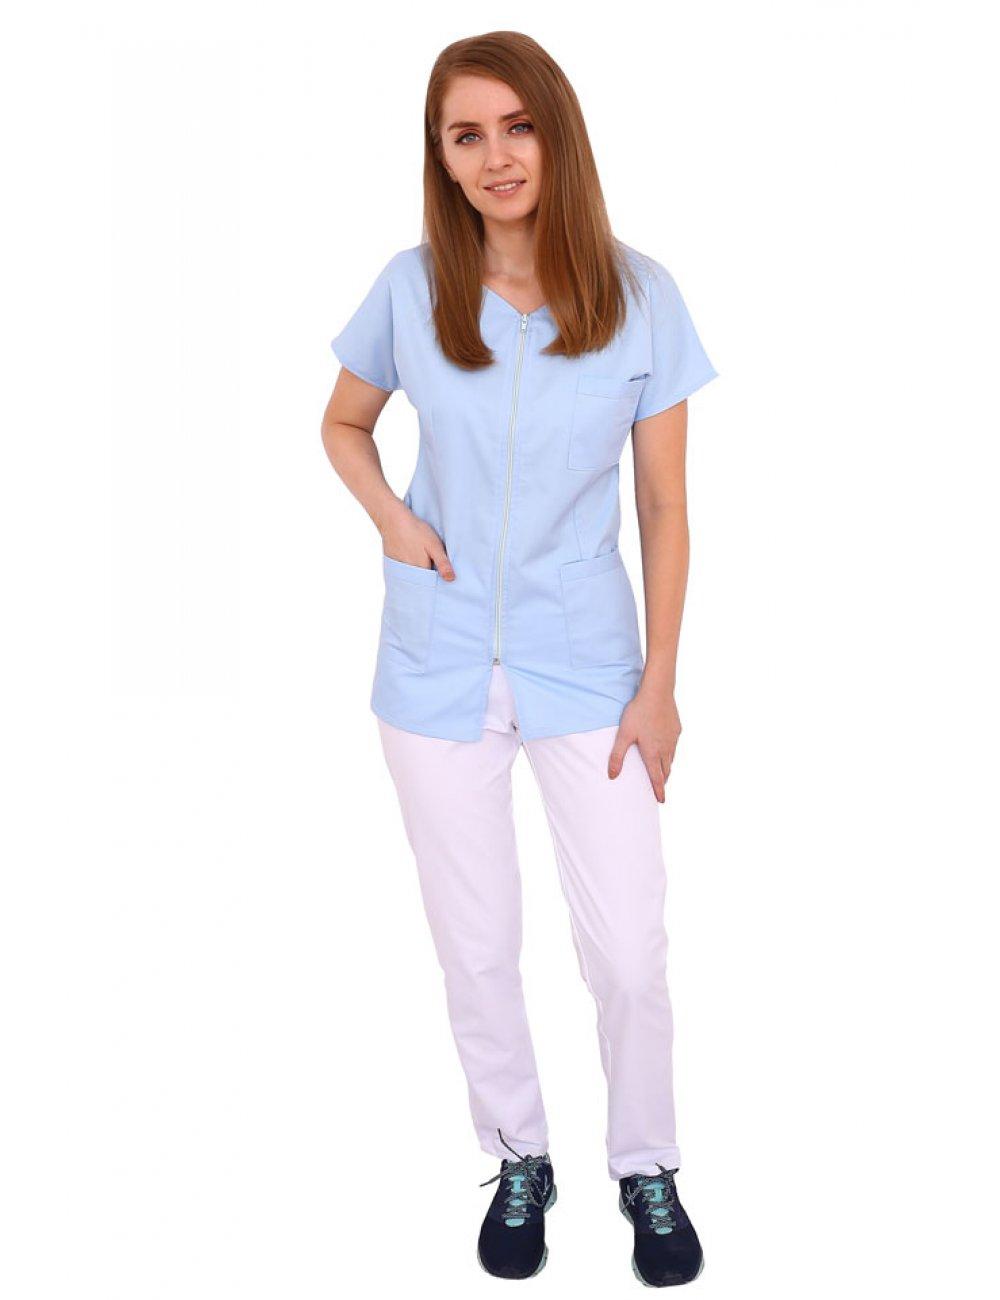 Costum medical bleo cu alb, bluza cu fermoar , trei buzunare si pantaloni cu elastic.